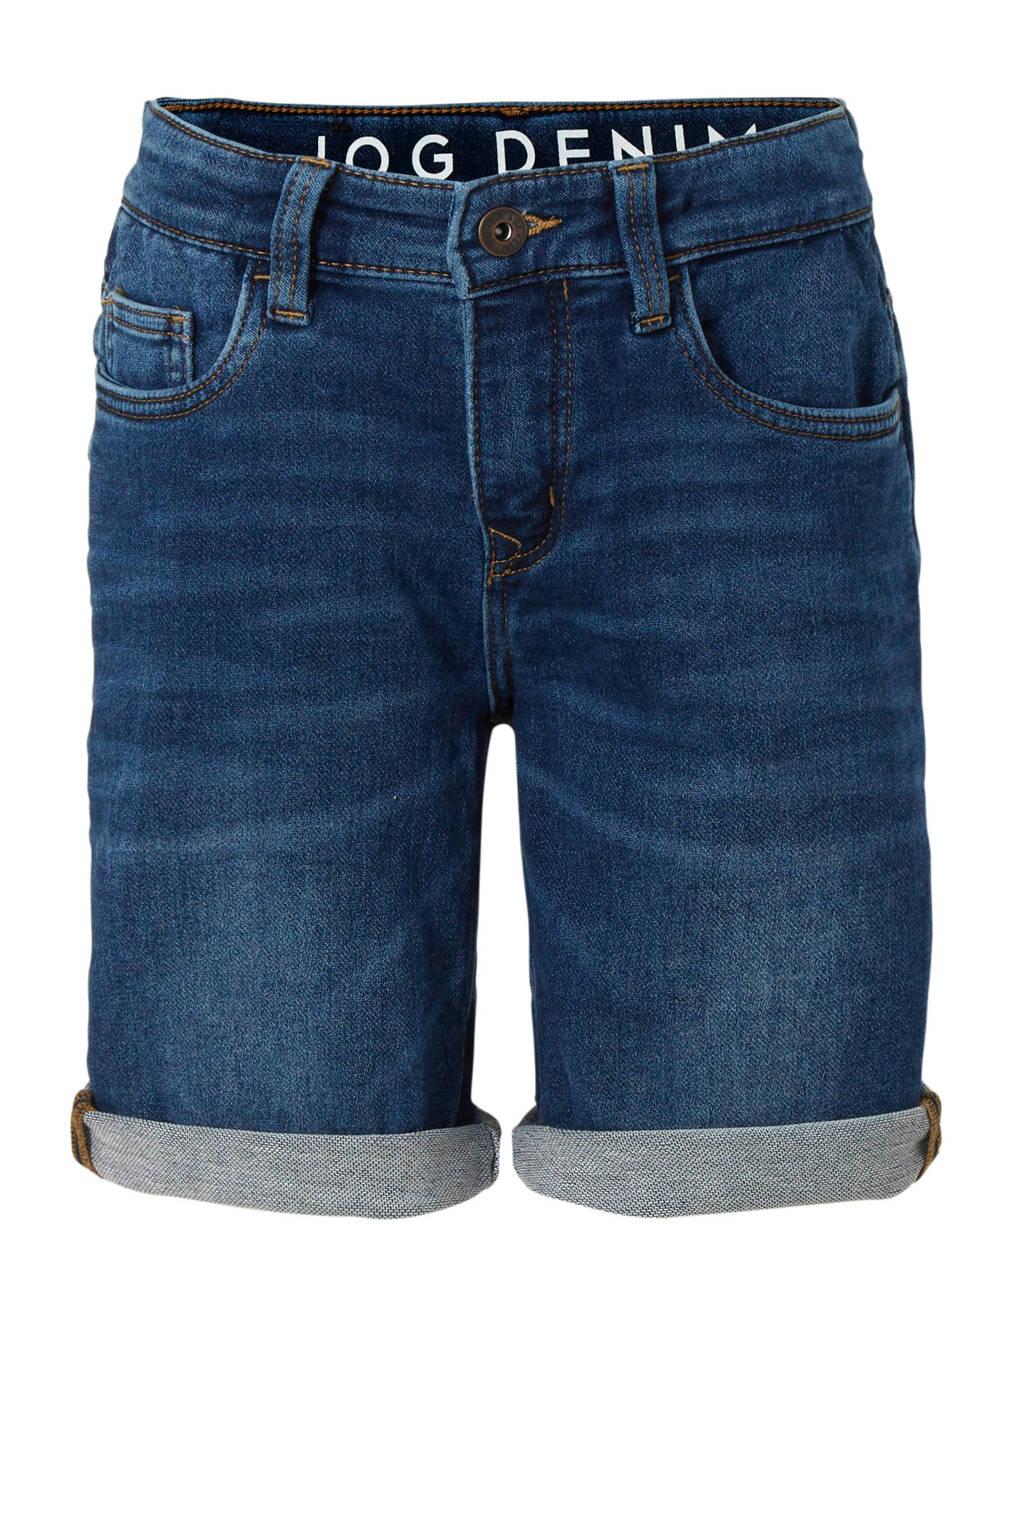 C&A Here & There jeans bermuda, Dark denim